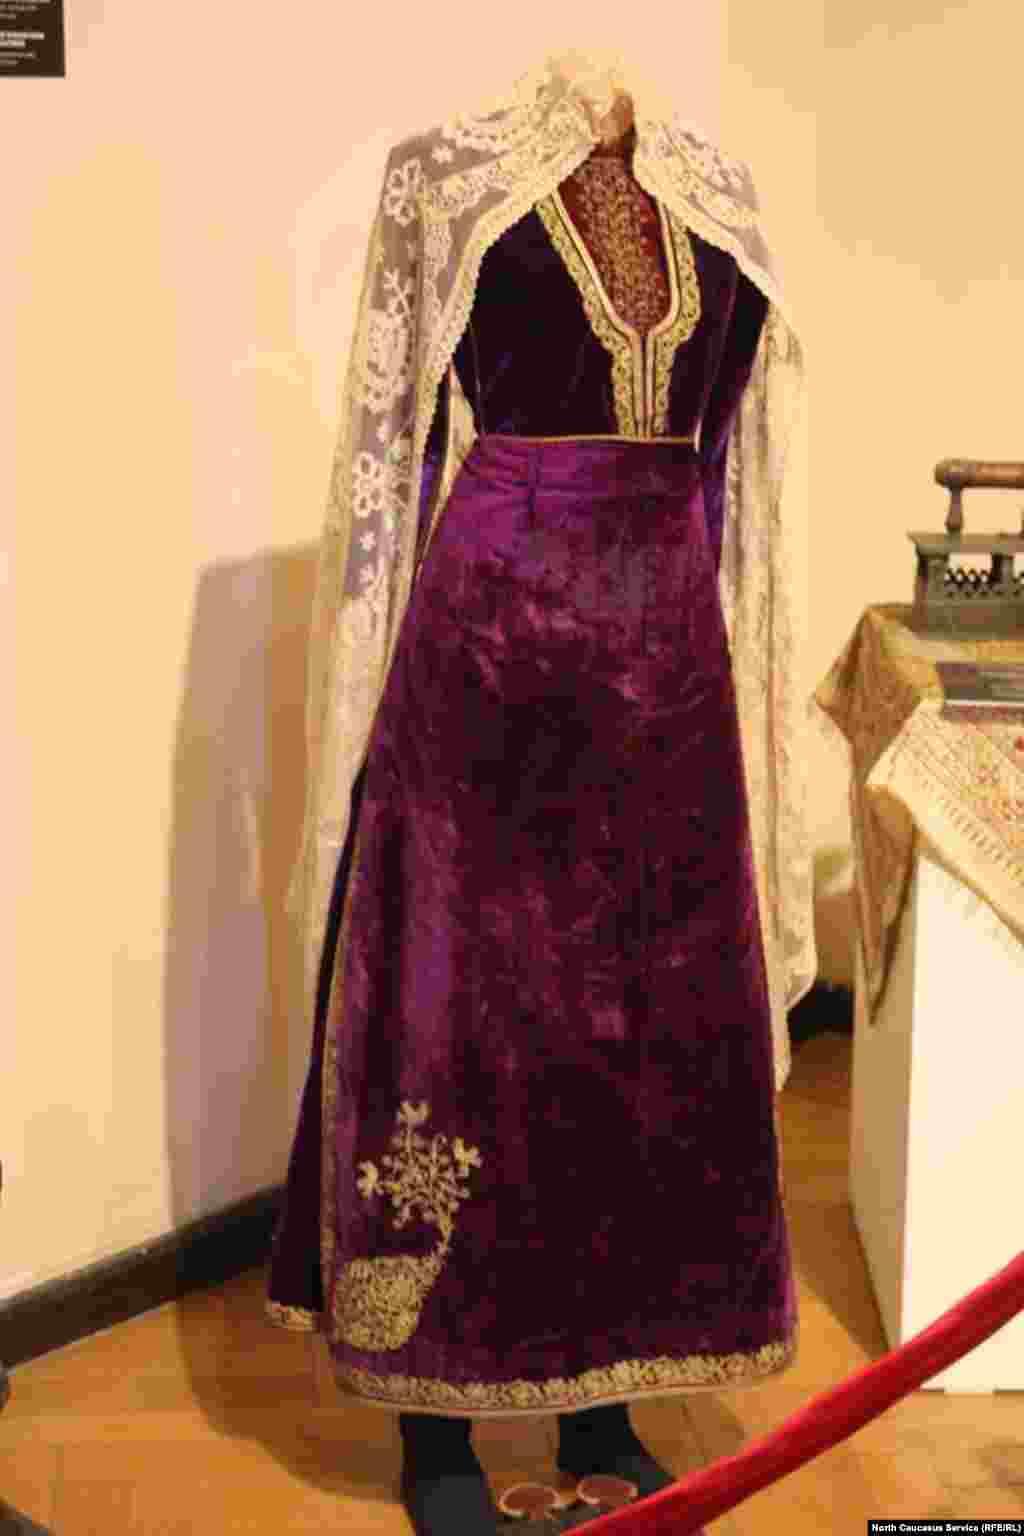 Это бархатное платье изготовлено в XX веке. Предназначалось для молодой девушки.